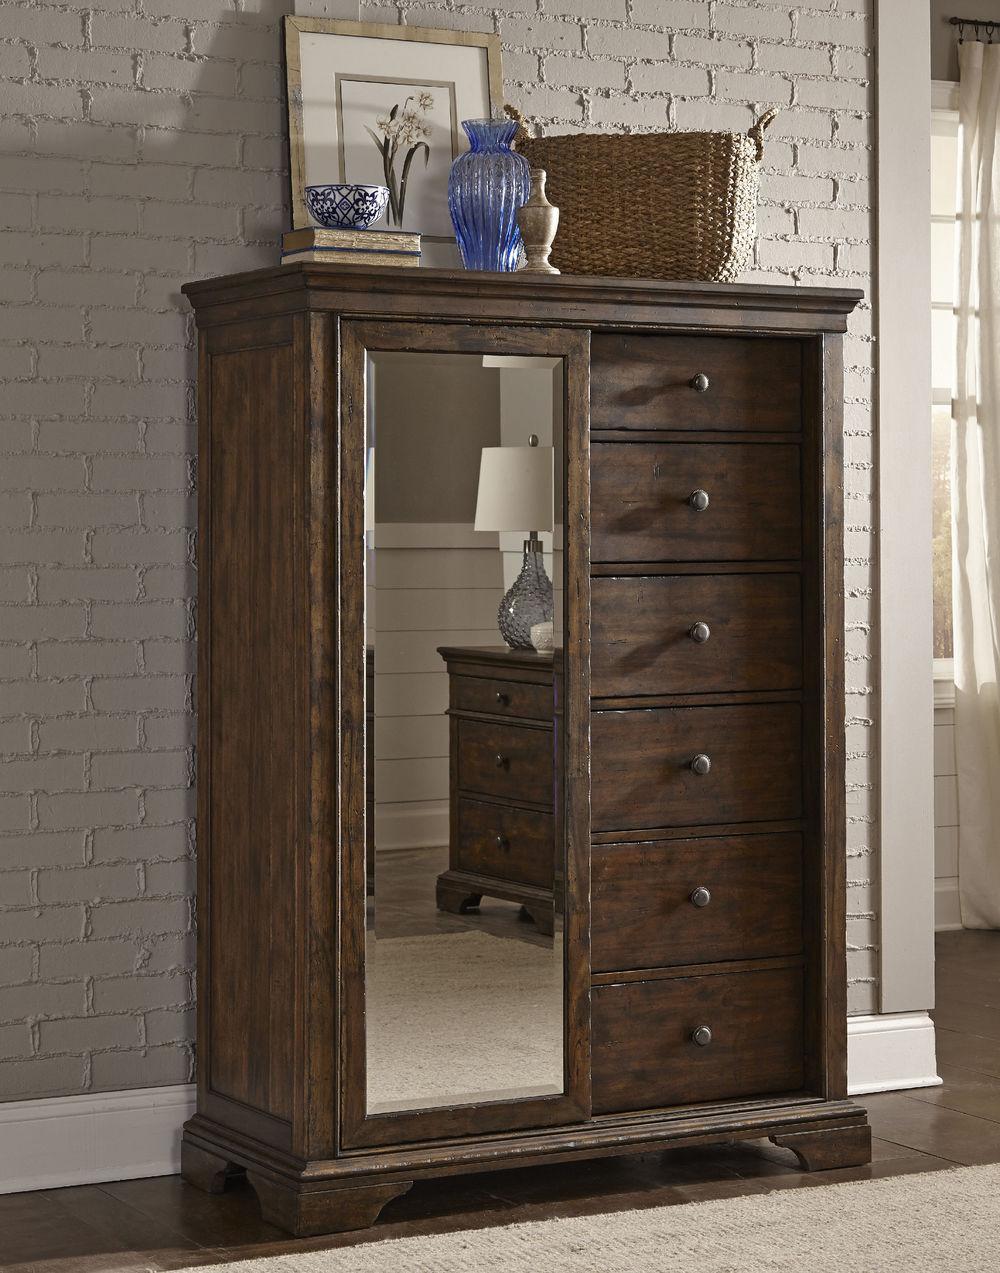 Klaussner Home Furnishings - Door Chest